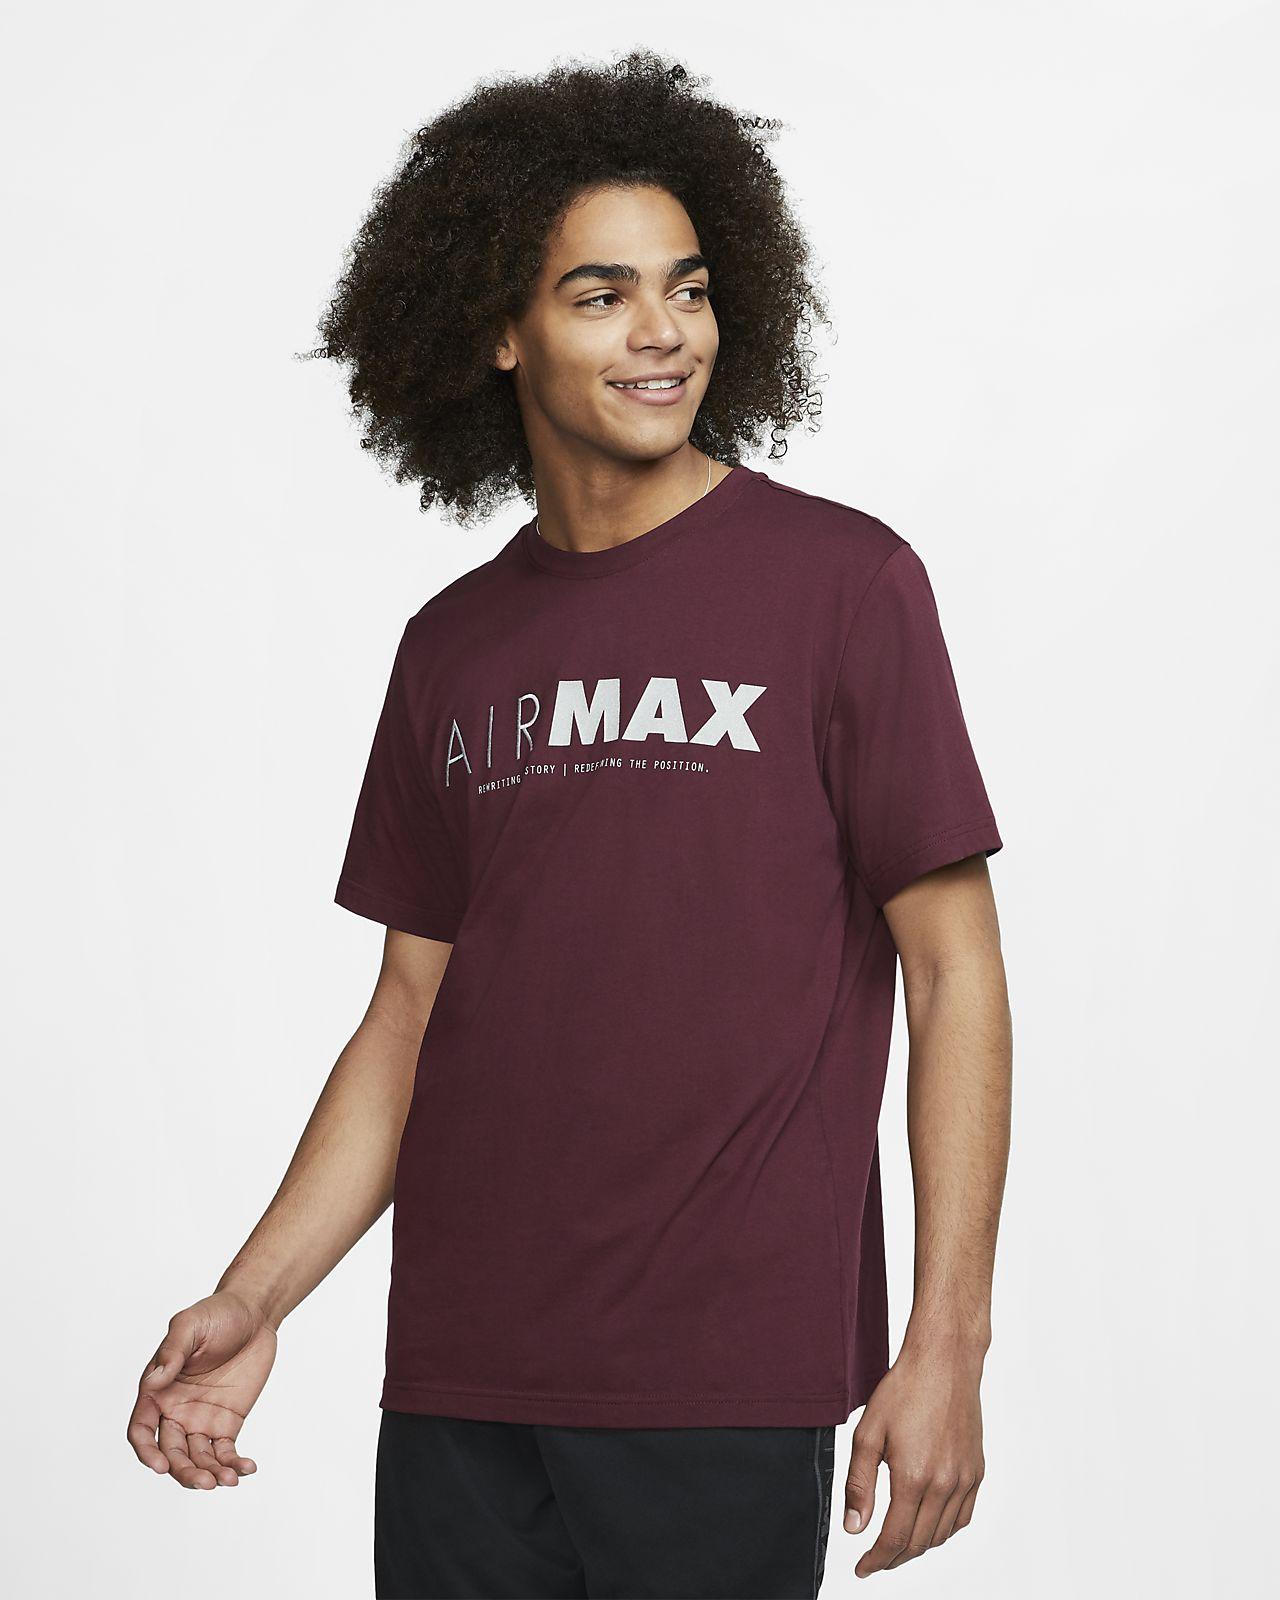 Pánské tričko s krátkým rukávem Nike Sportswear Air Max s grafickým motivem Pánské tričko s krátkým rukávem Nike Sportswear Air Max s grafickým motivem